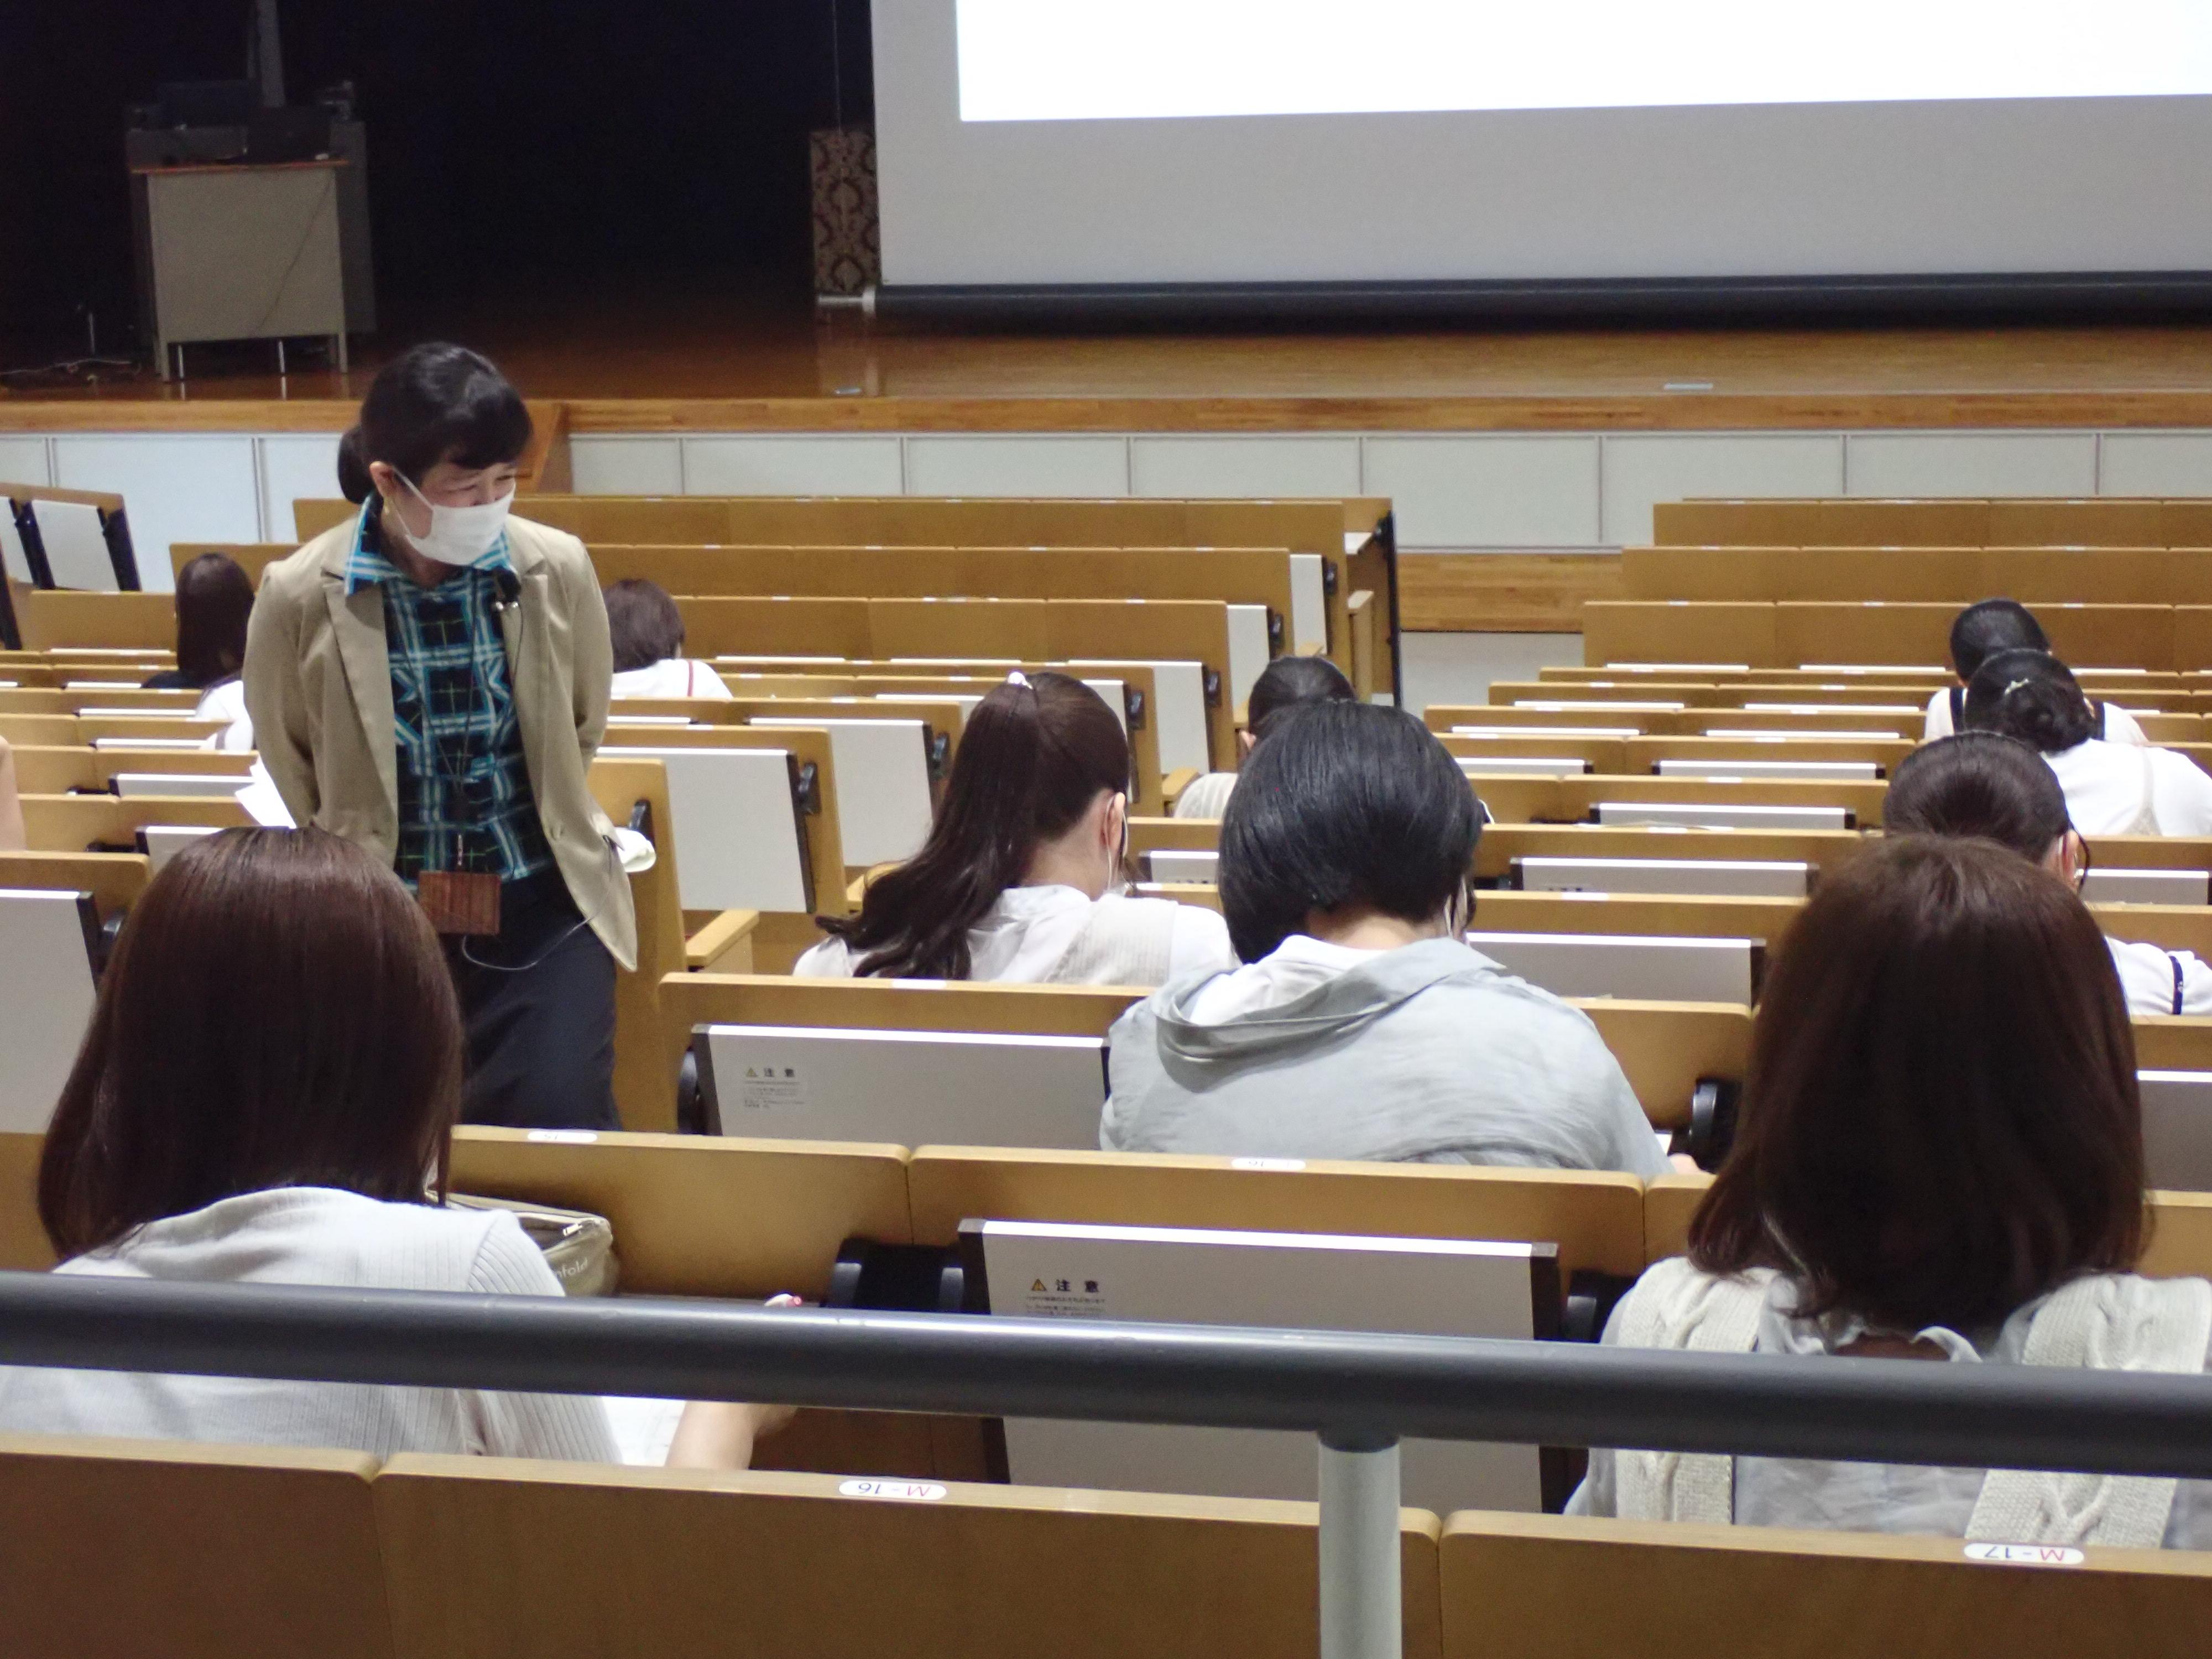 学生と講師(キャリアセンター職員)が対話している写真